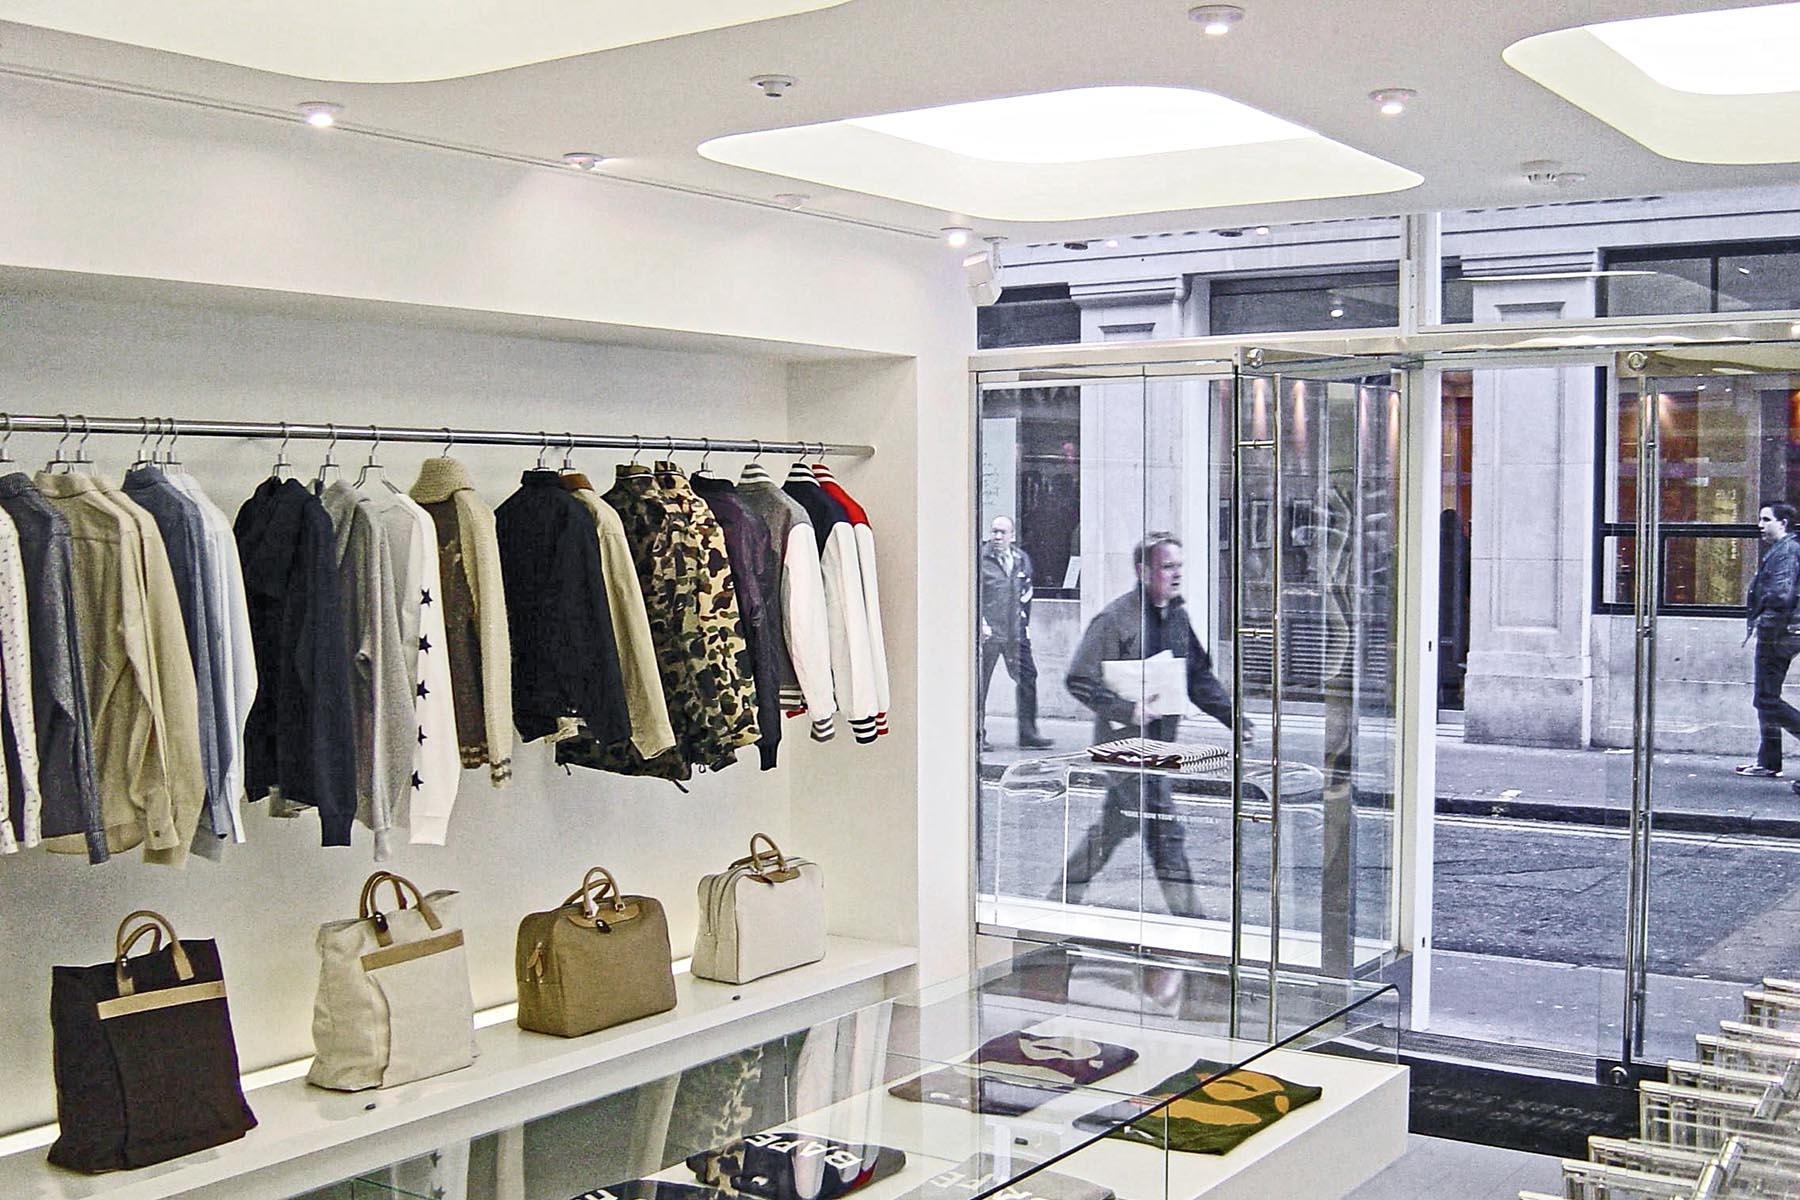 Londres / London, Aménagement de magasin / Shop fitout, Burrus Nussbaumer Architectes